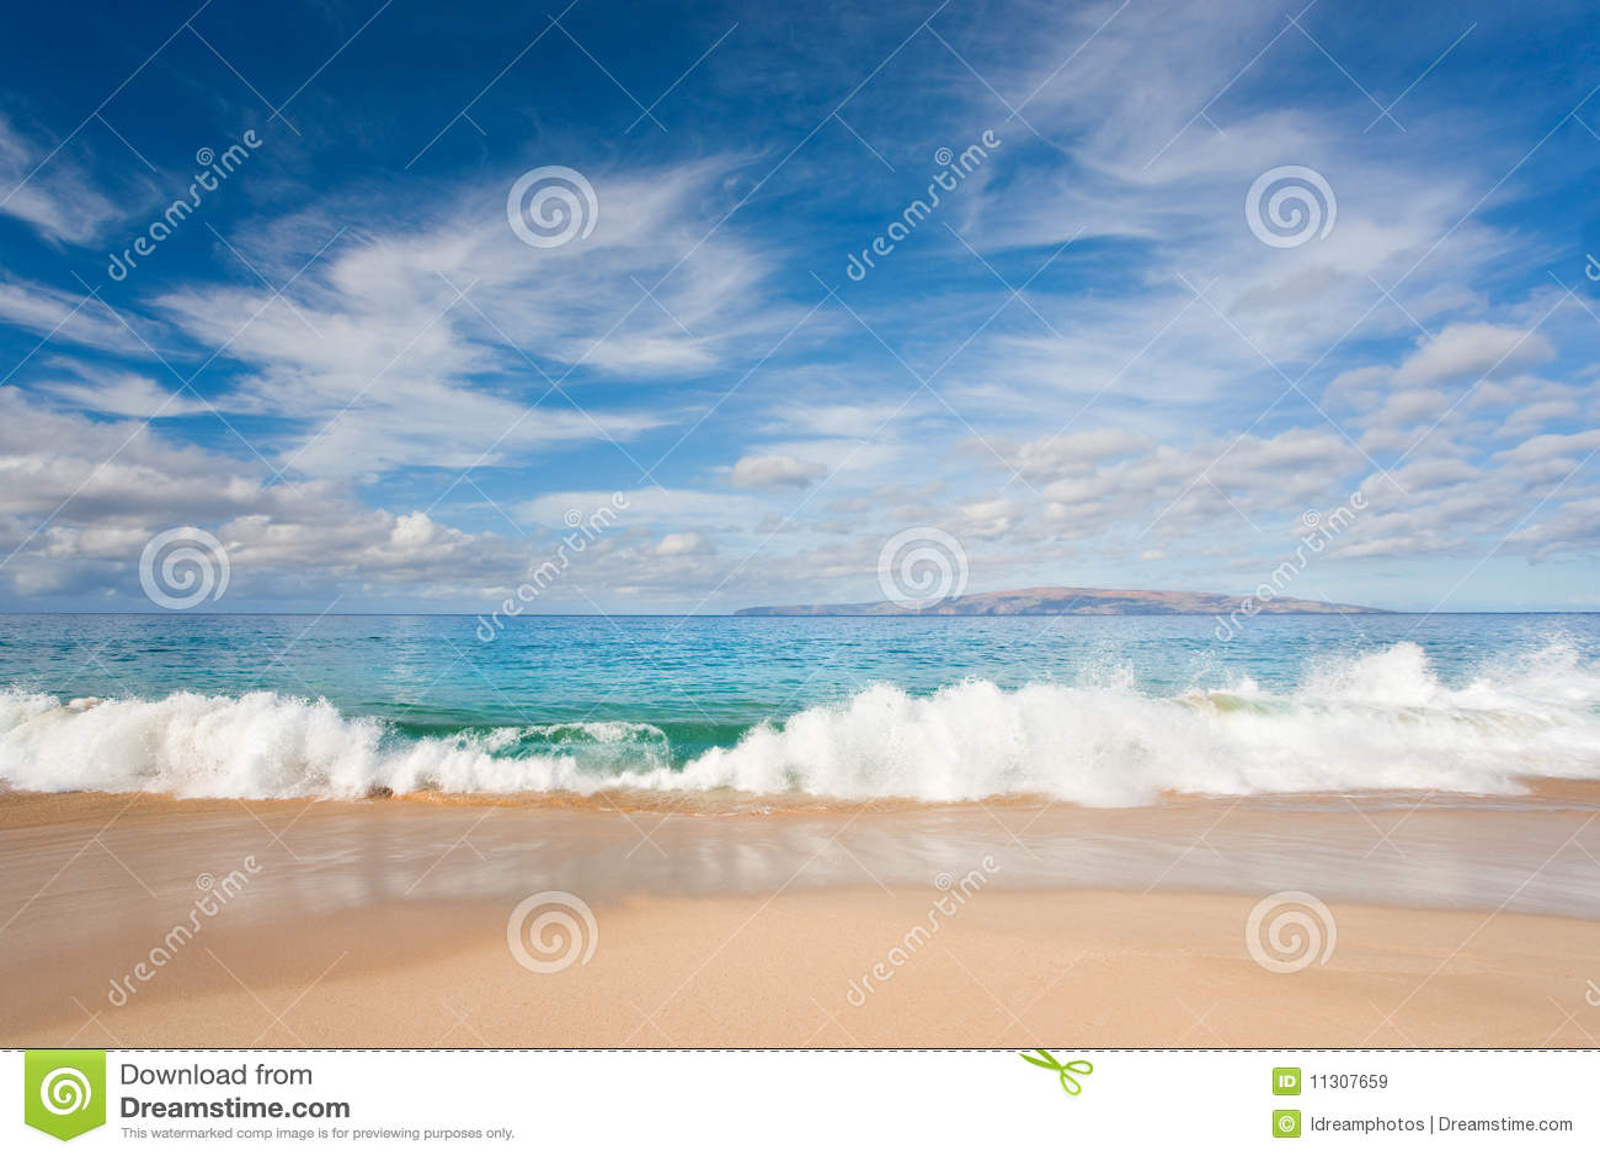 Maui-Paradies